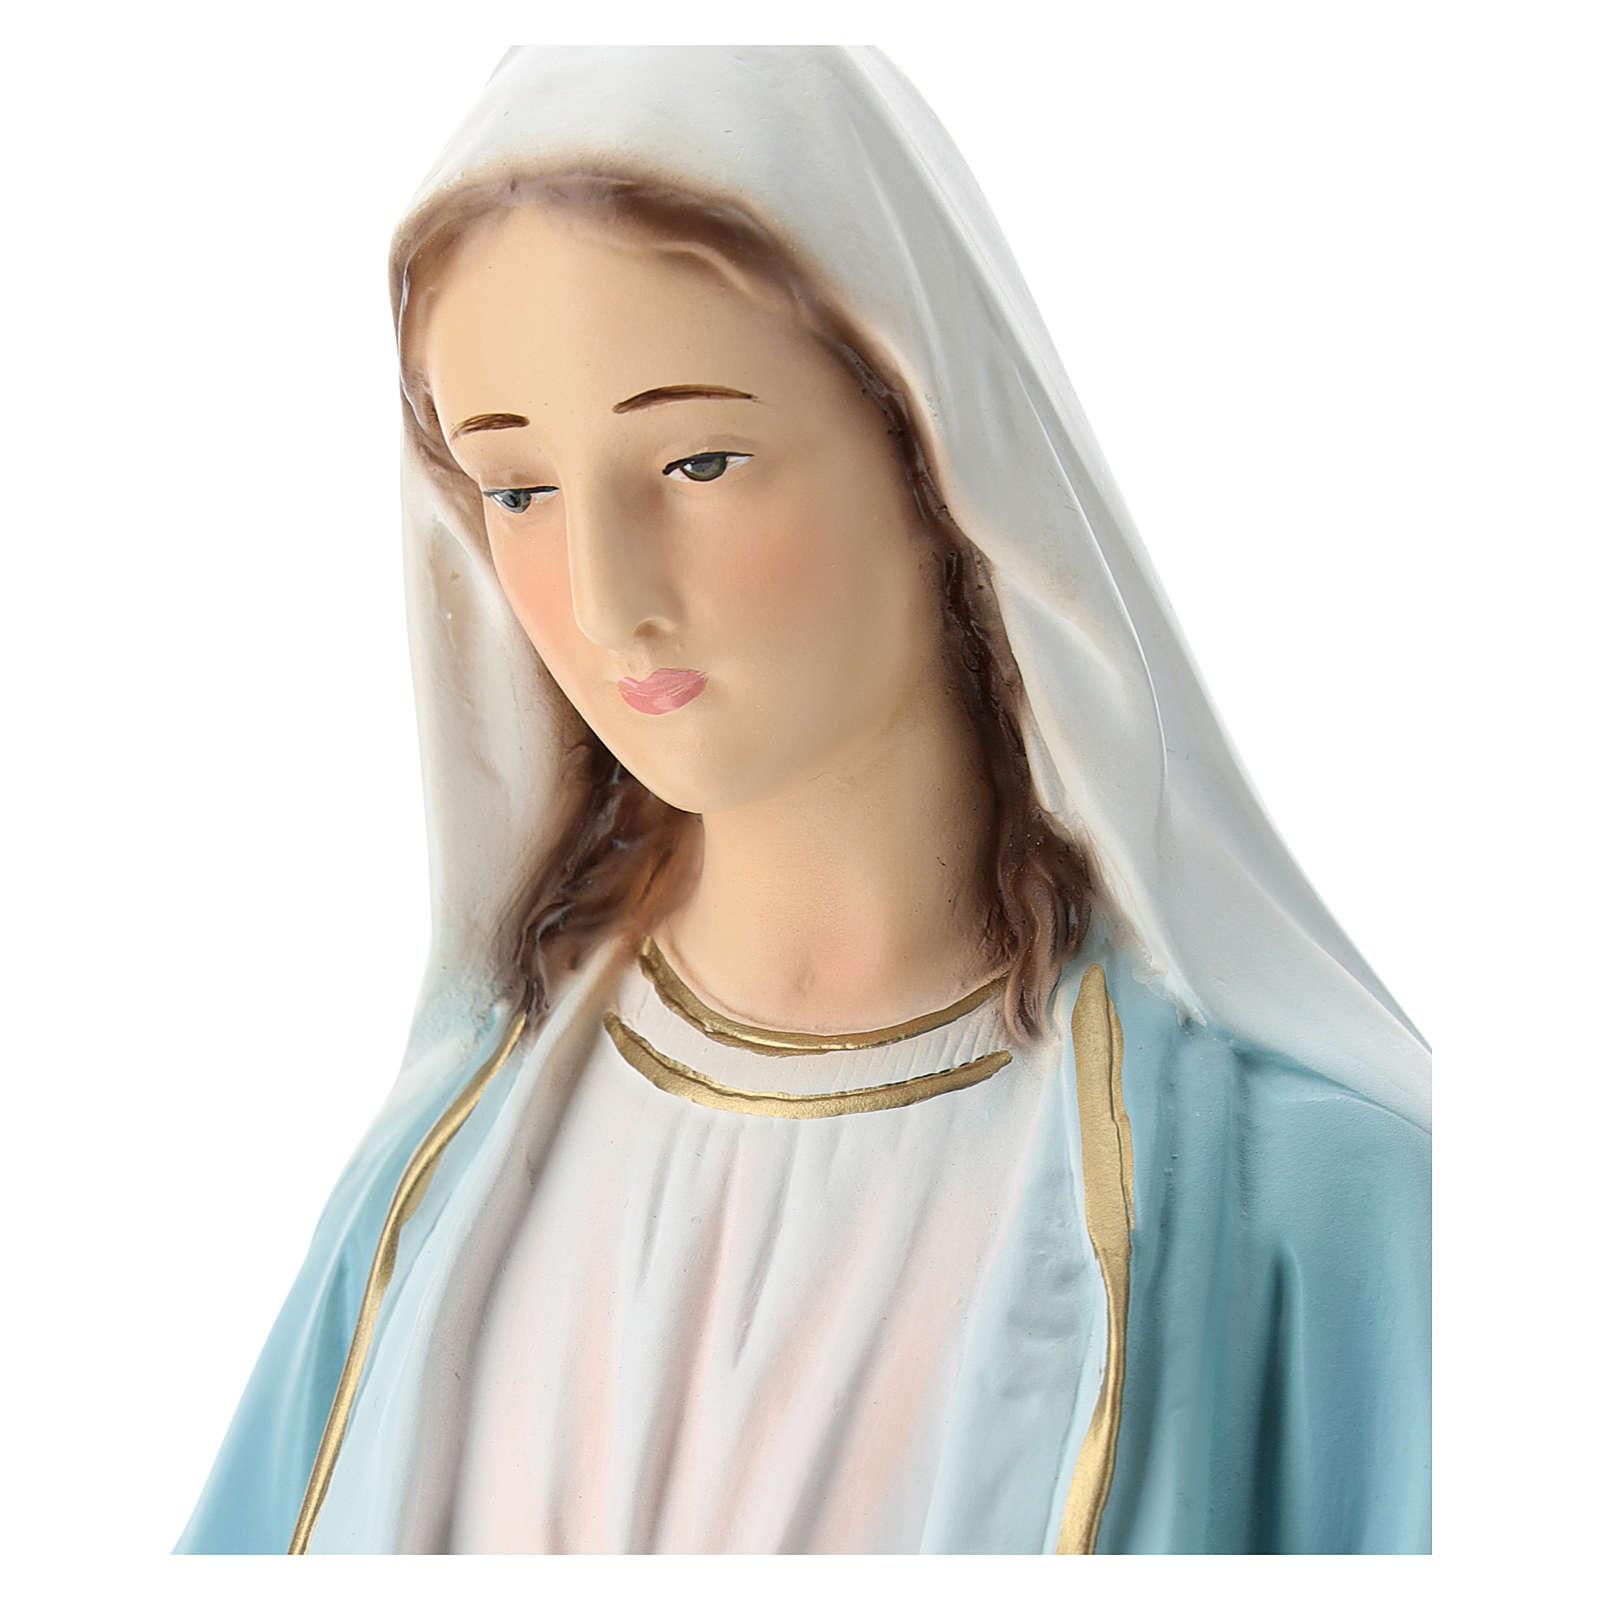 Figura Cudowna Madonna 50 cm włókno szklane malowane 4